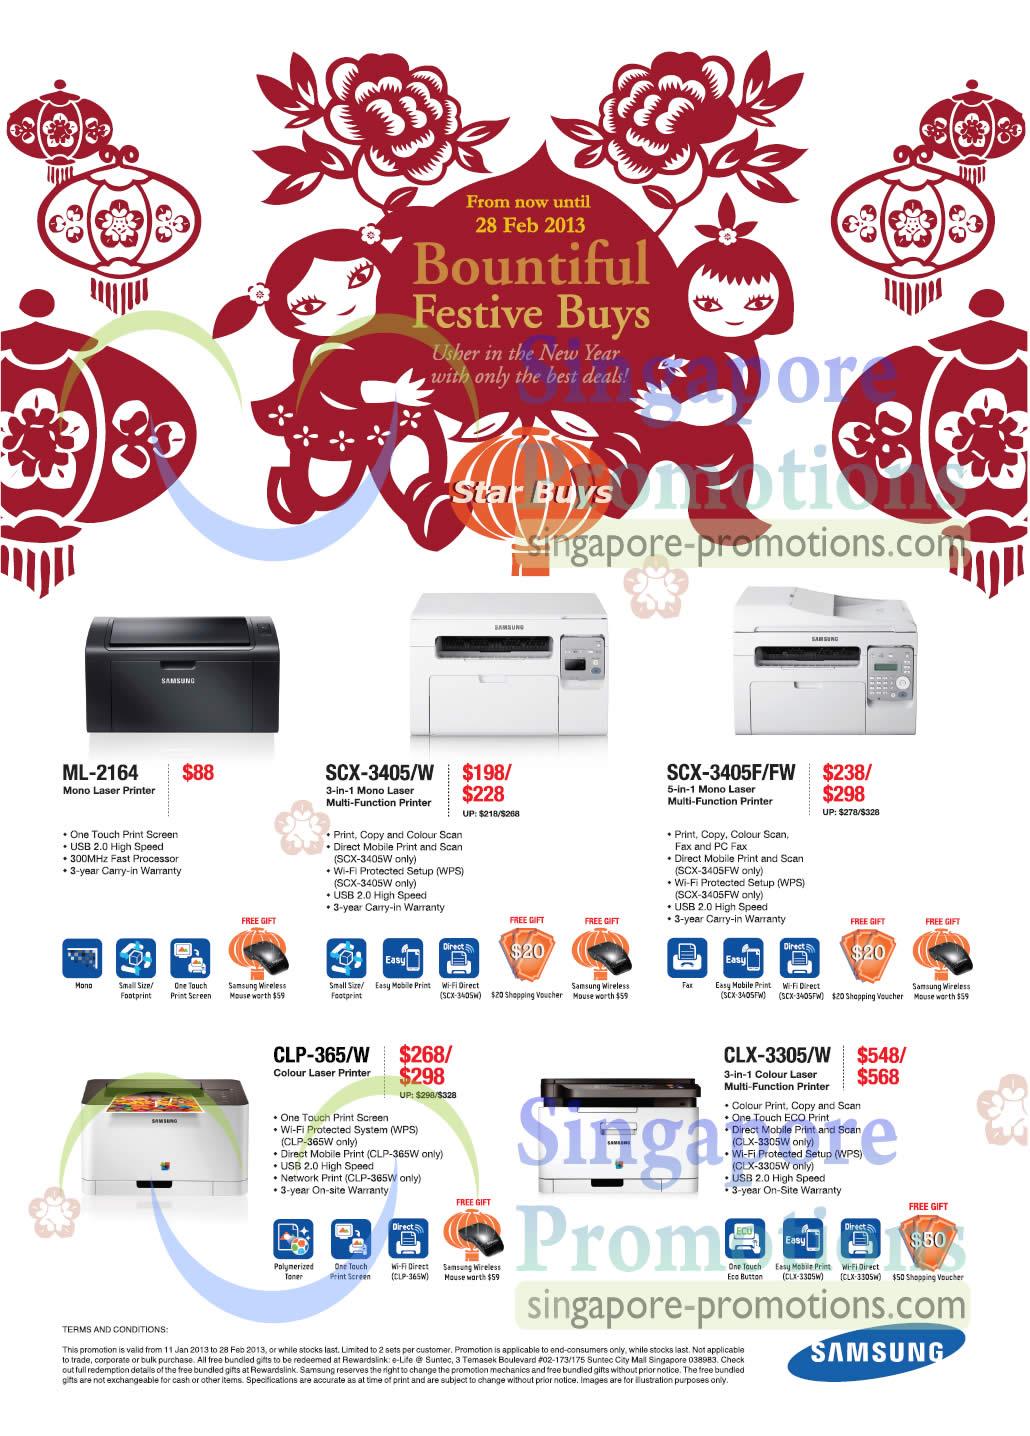 Samsung ML-2164 Laser Printer, Samsung SCX-3405/W Laser Printer, SamsungSCX-3405F/FW Laser Printer, Samsung CLP-365/W Laser Printer, Samsung CLX-3305/W Laser Printer